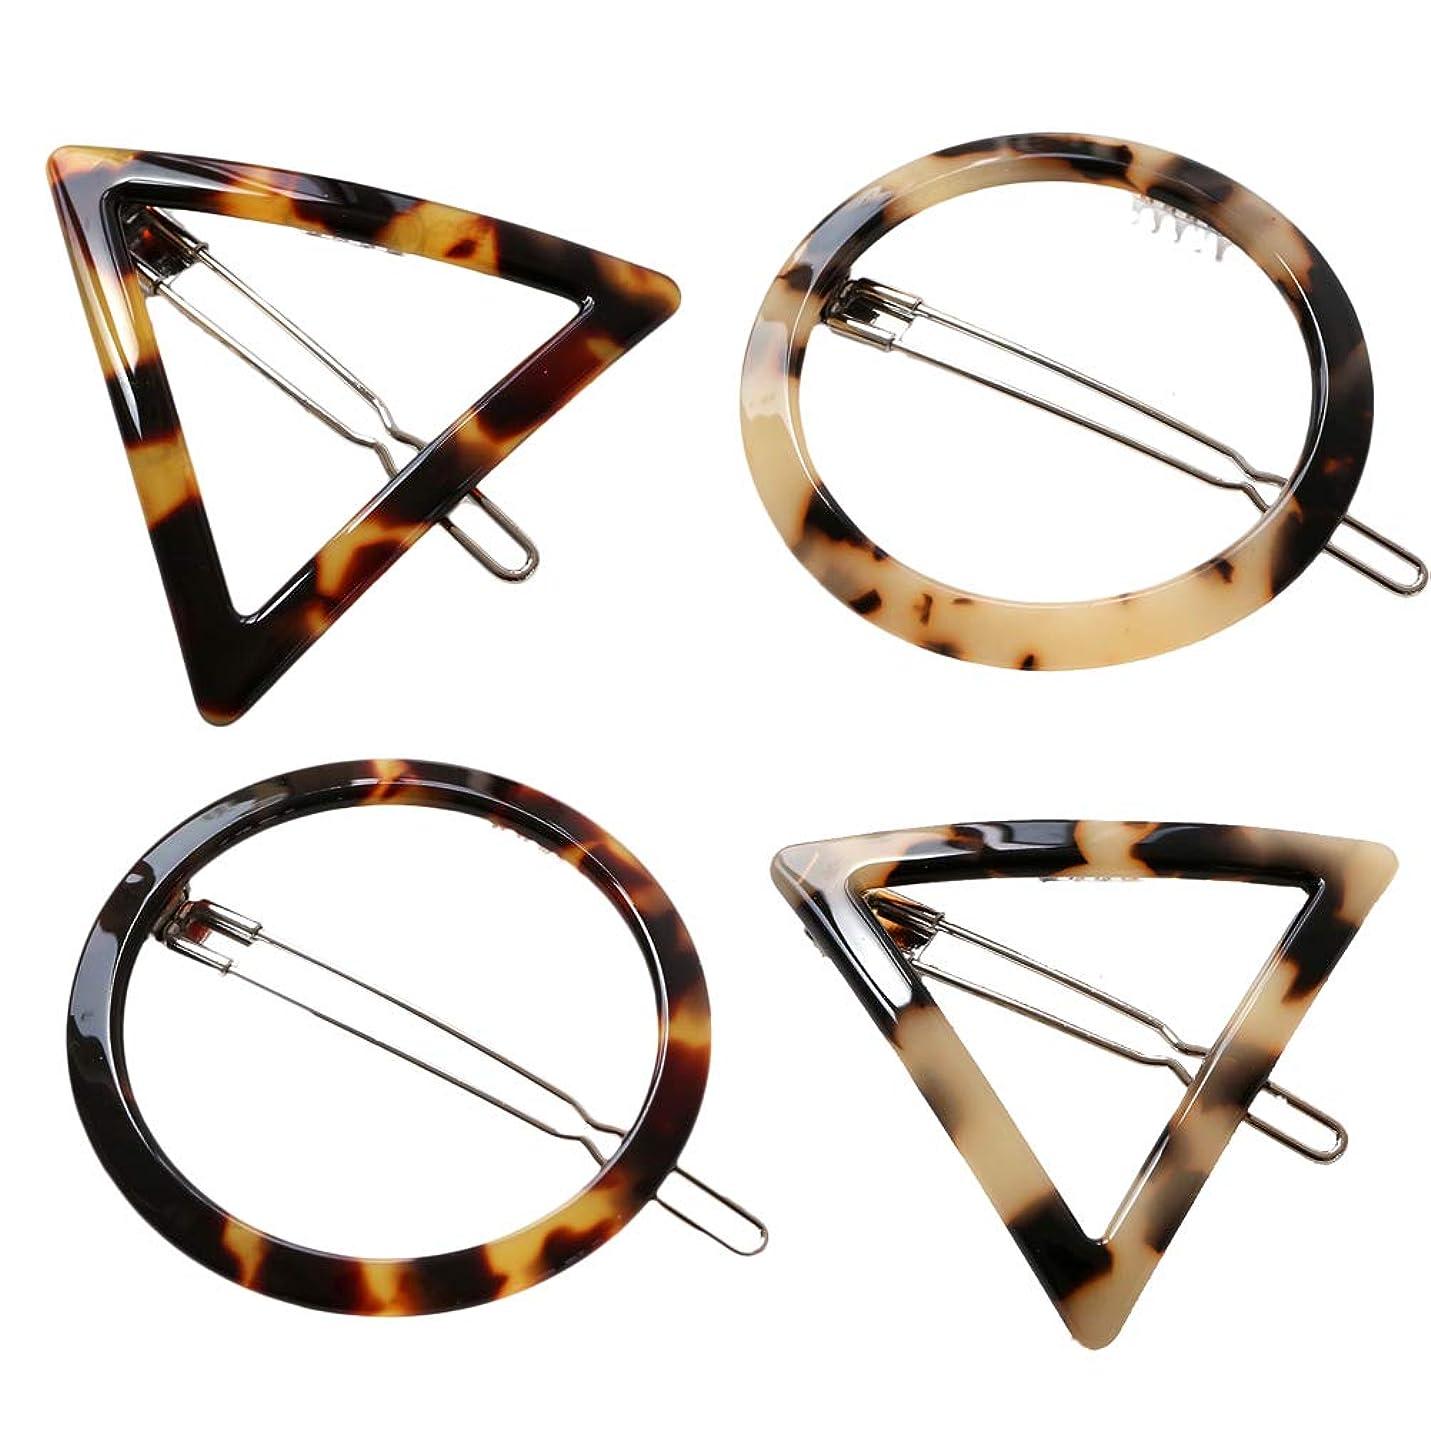 爬虫類ブラウザペレグリネーションLURROSE 4本のアクリルのヘアクリップ幾何学的なヘアピンバングクリップ三角の丸いヒョウの髪飾り(丸型ダークヒョウ、丸型の光ヒョウ、三角型の光ヒョウ、各1個)